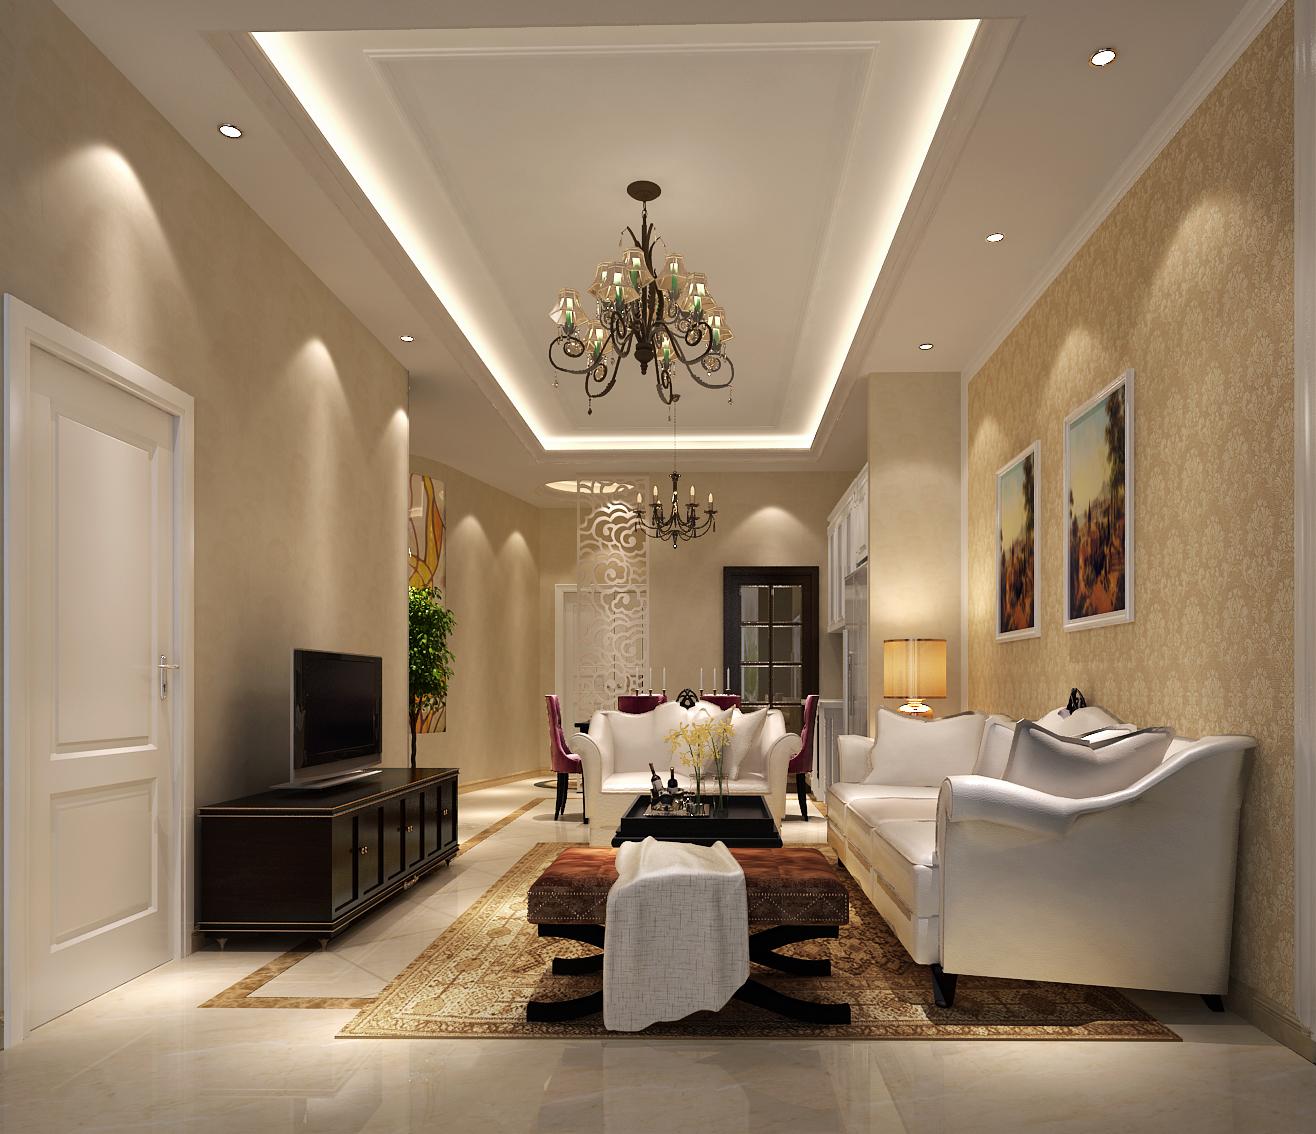 简约 欧式 三居 装修公司 高度国际 客厅图片来自高度国际装饰华华在简约中的经典的分享